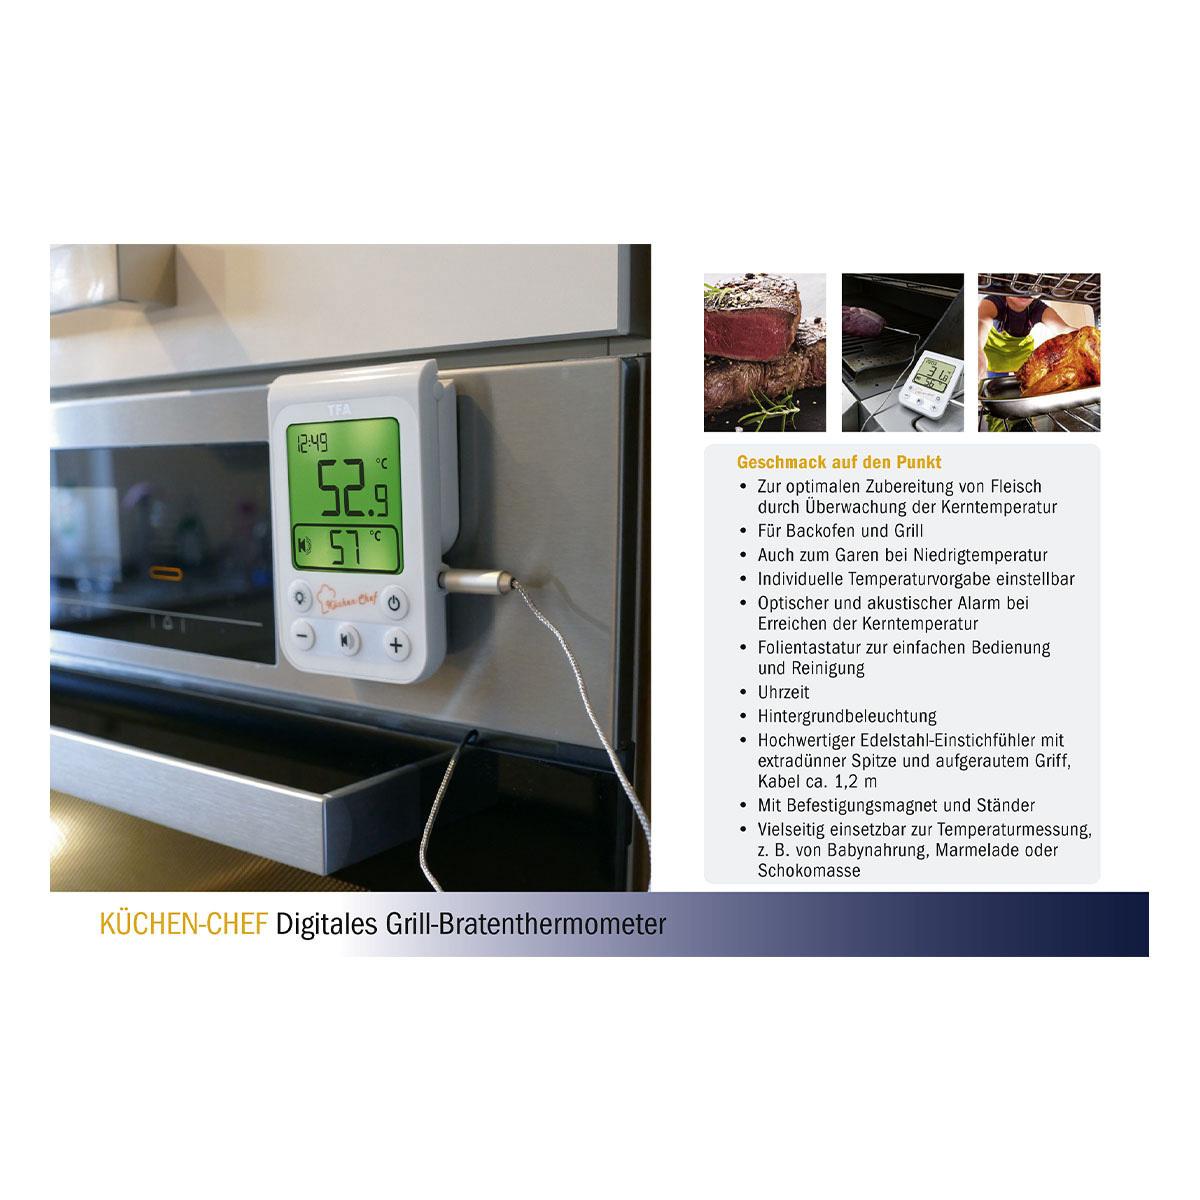 14-1510-02-digitales-grill-bratenthermometer-küchen-chef-vorteile-1200x1200px.jpg